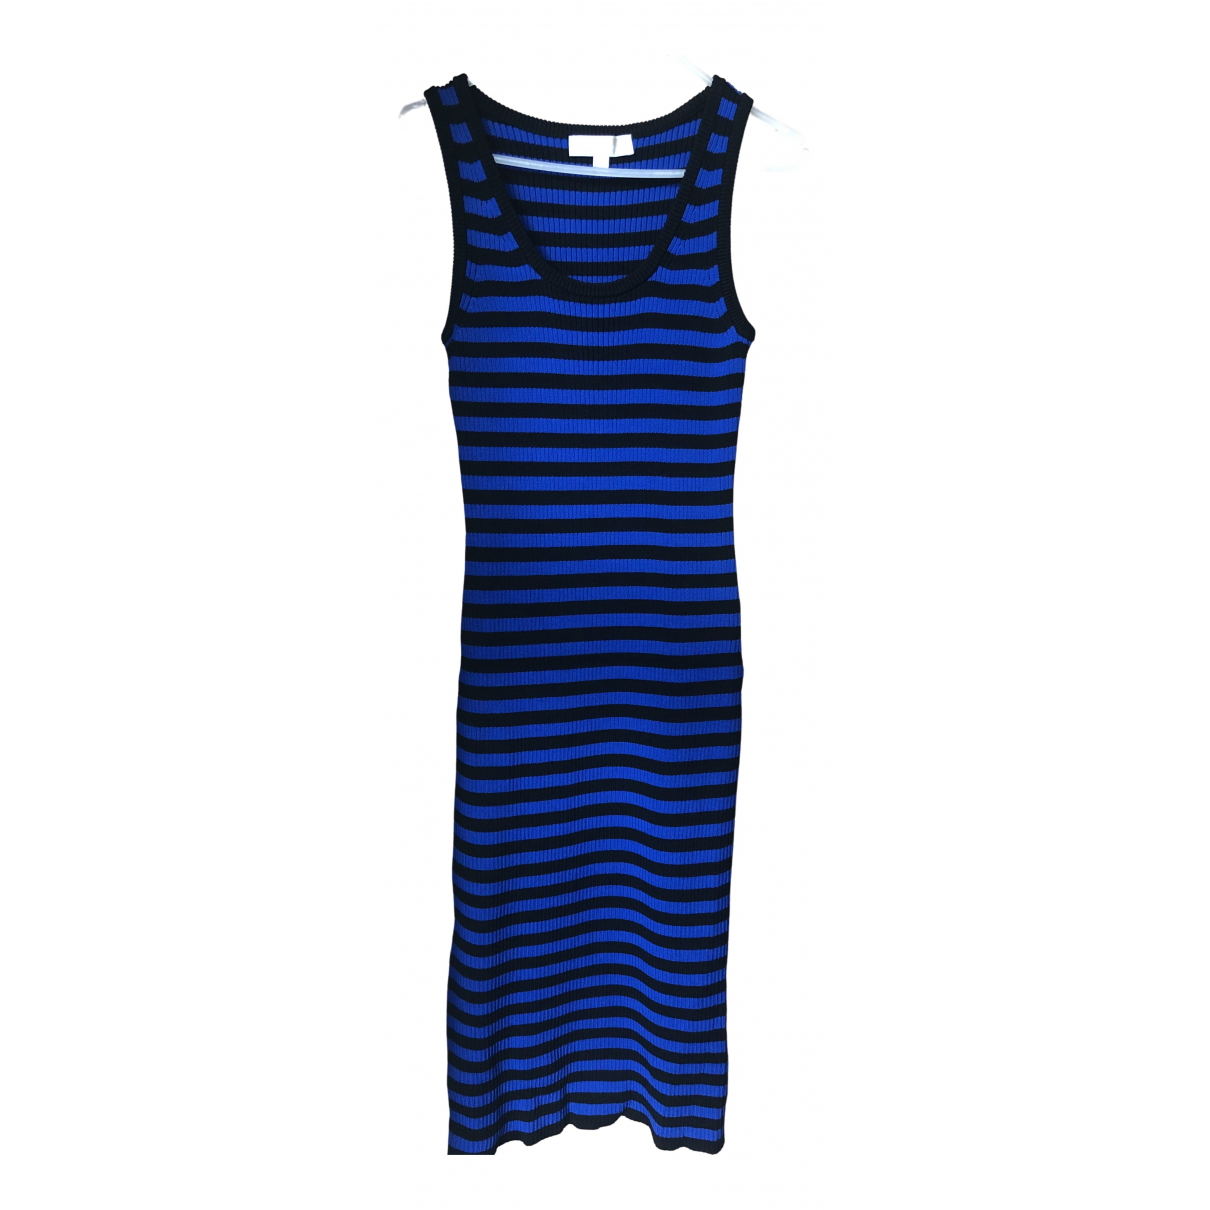 Michael Kors \N Kleid in  Blau Baumwolle - Elasthan